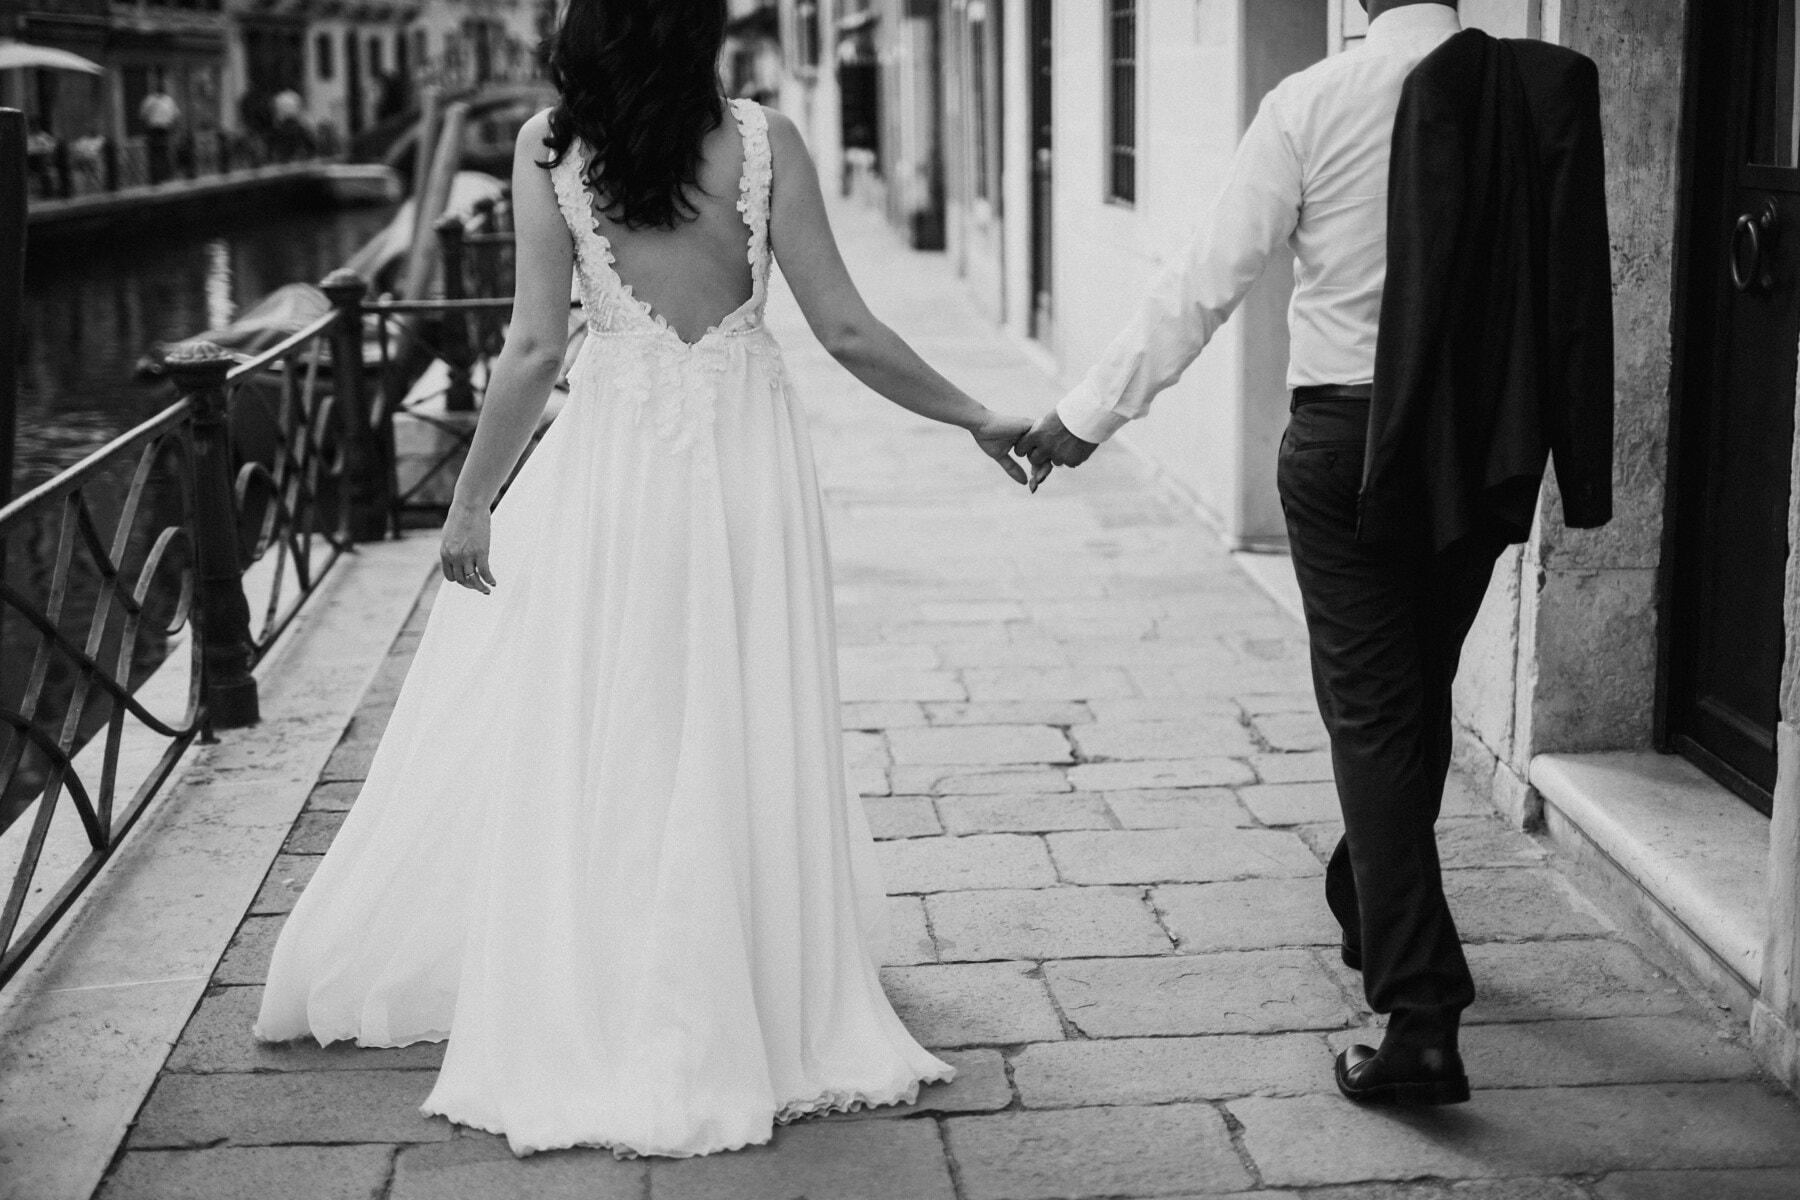 Italie, rue, noir et blanc, jeune marié, marié, gens, amour, la mariée, mariage, mariage